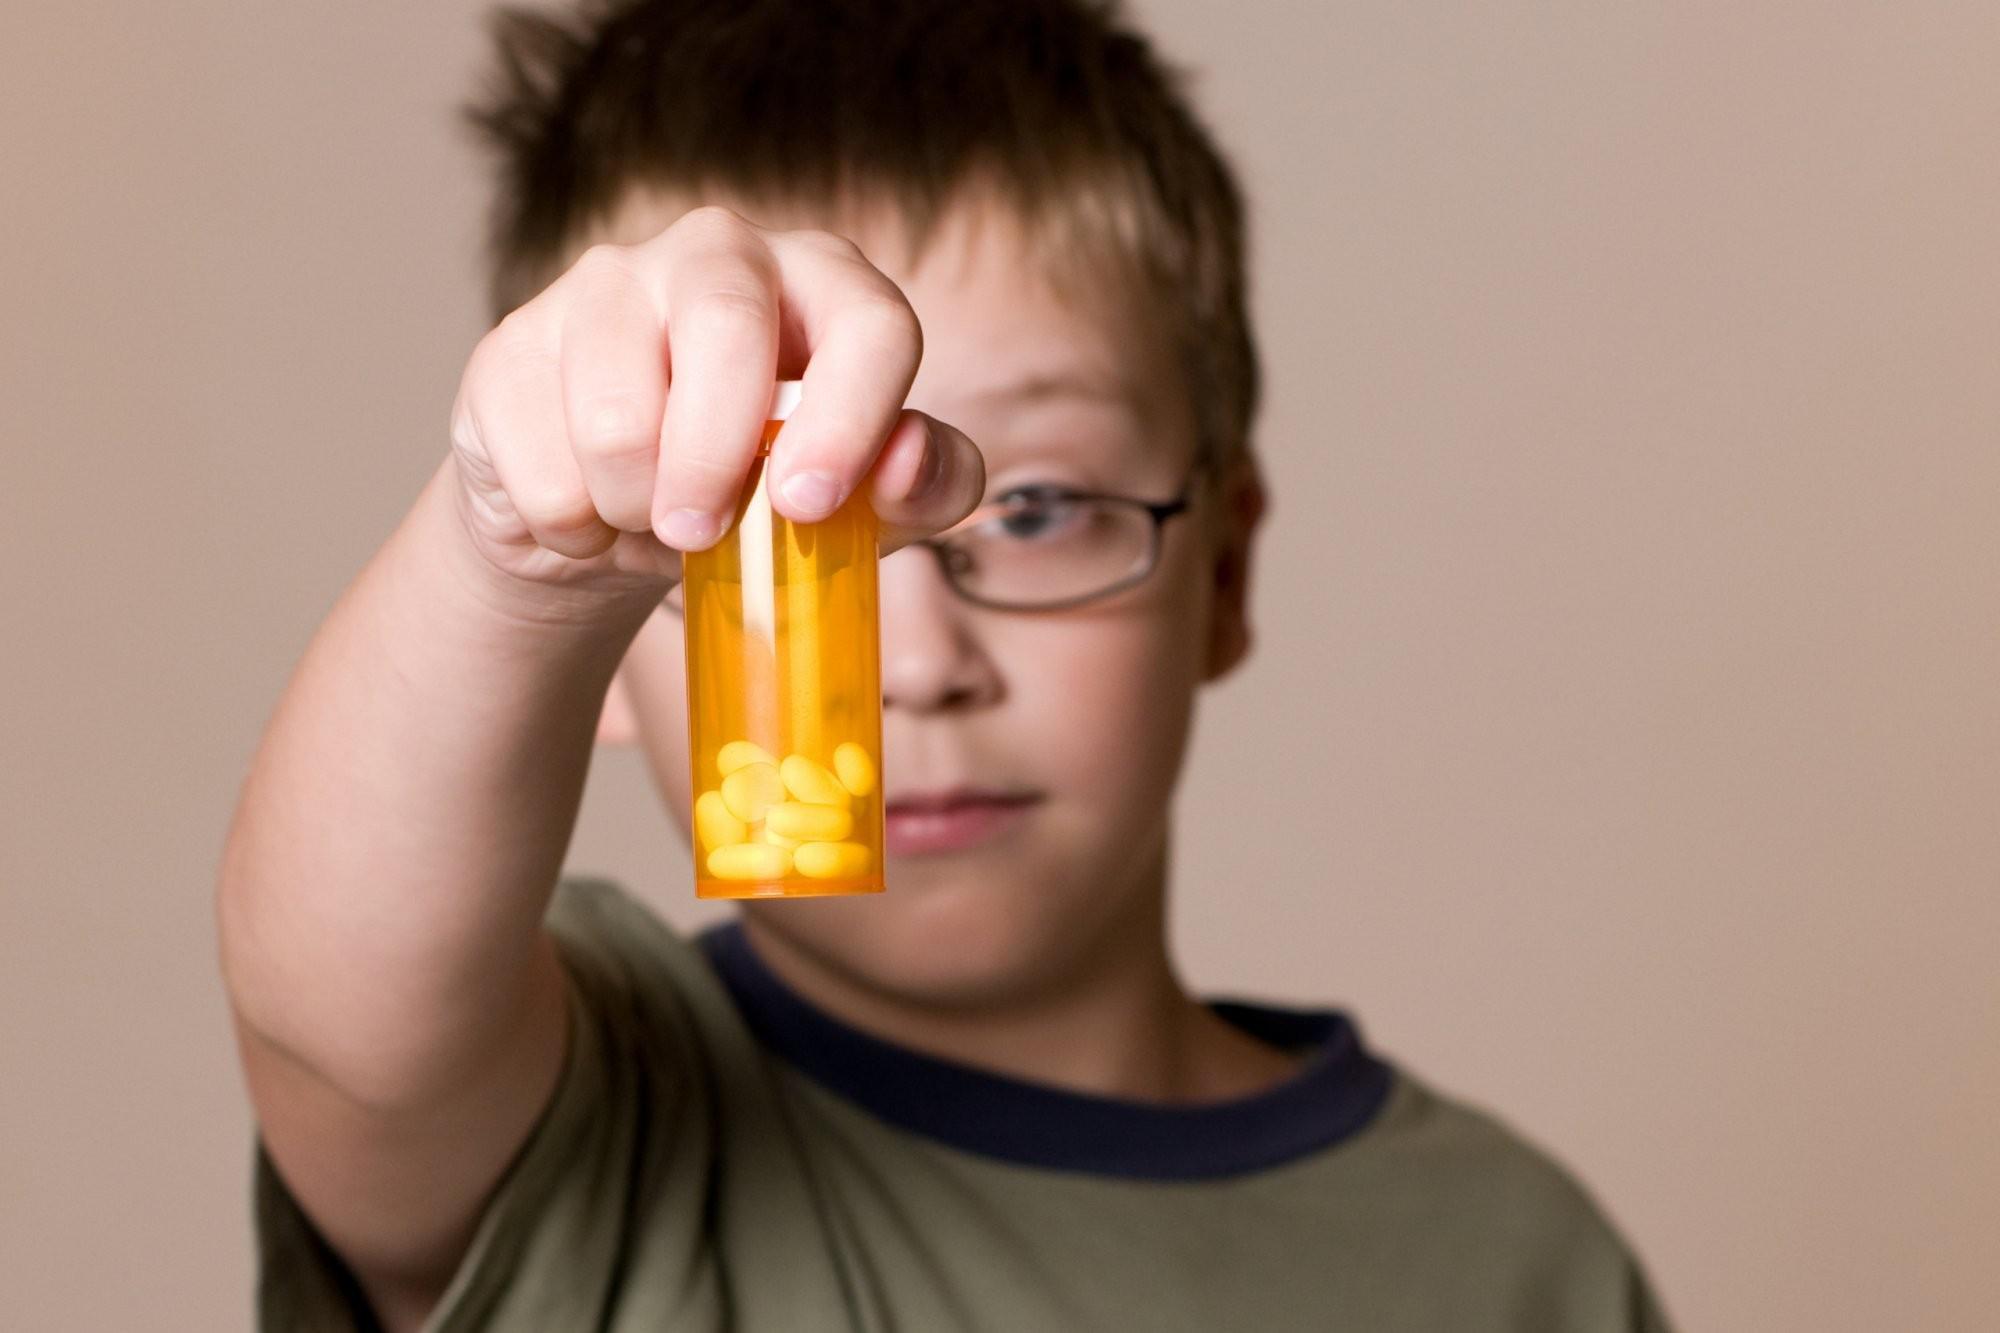 Препараты от СДВГ могут негативно влиять на минеральную плотность костной ткани